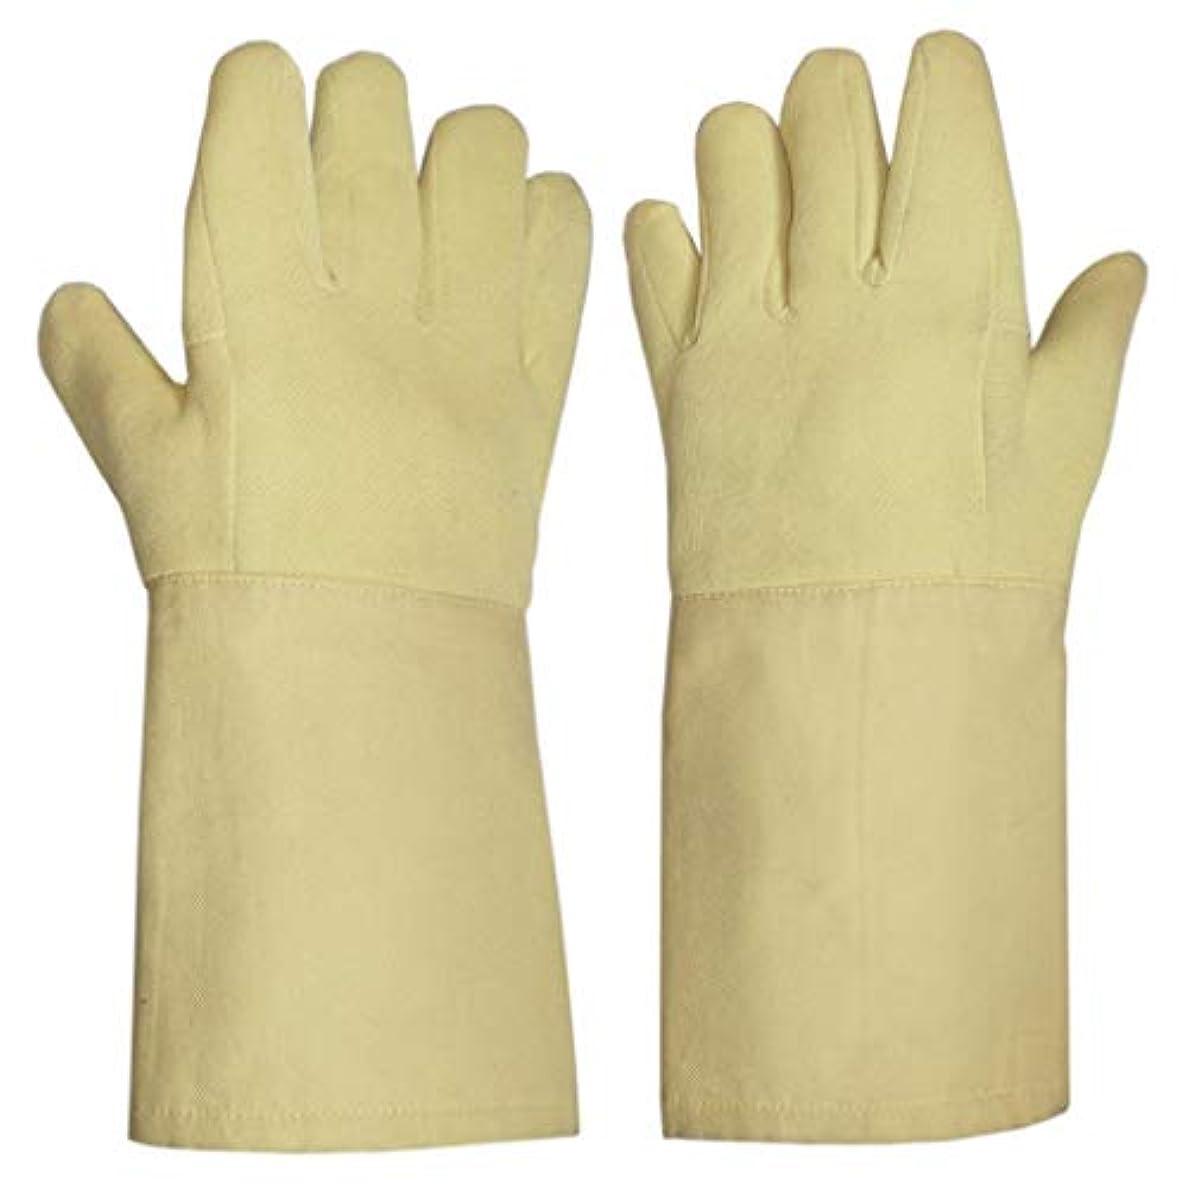 急襲流用するブームQCRLB カットプルーフ高温耐性手袋労働保護手袋切断保護手袋絶縁防滑性滑り止め14.5 * 38センチ ゴム手袋